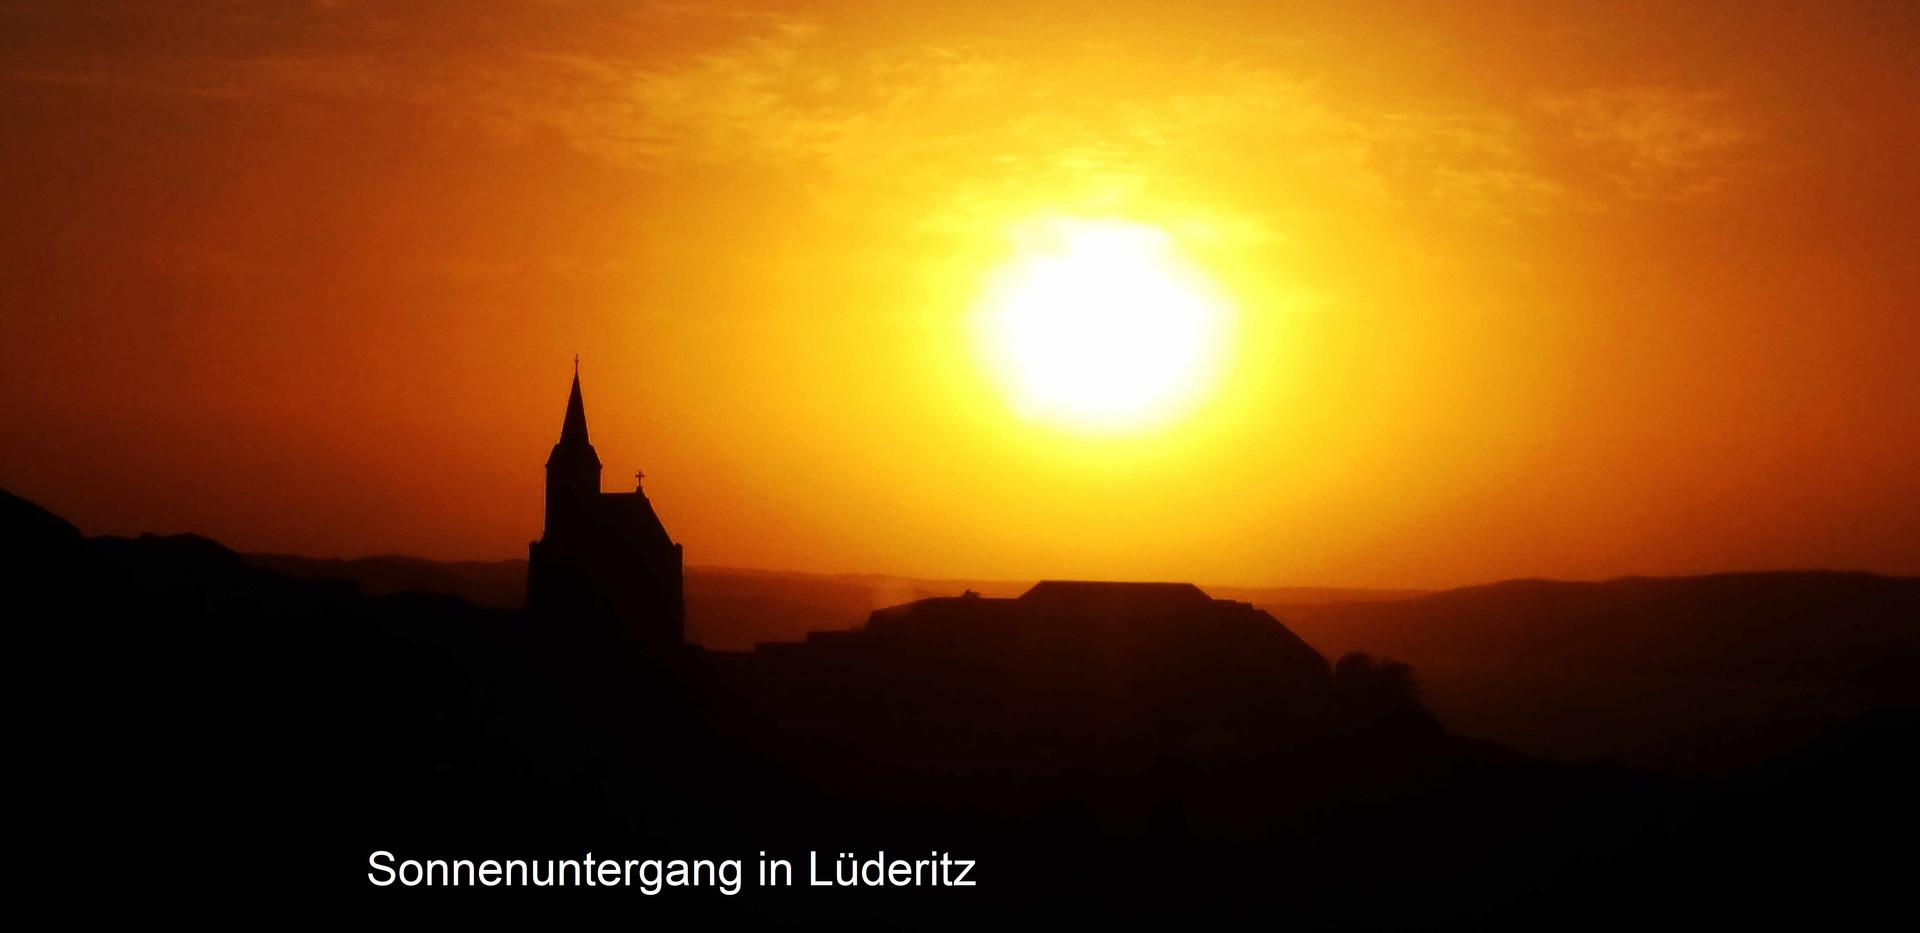 Sonnenuntergang6_beschriftet.jpg